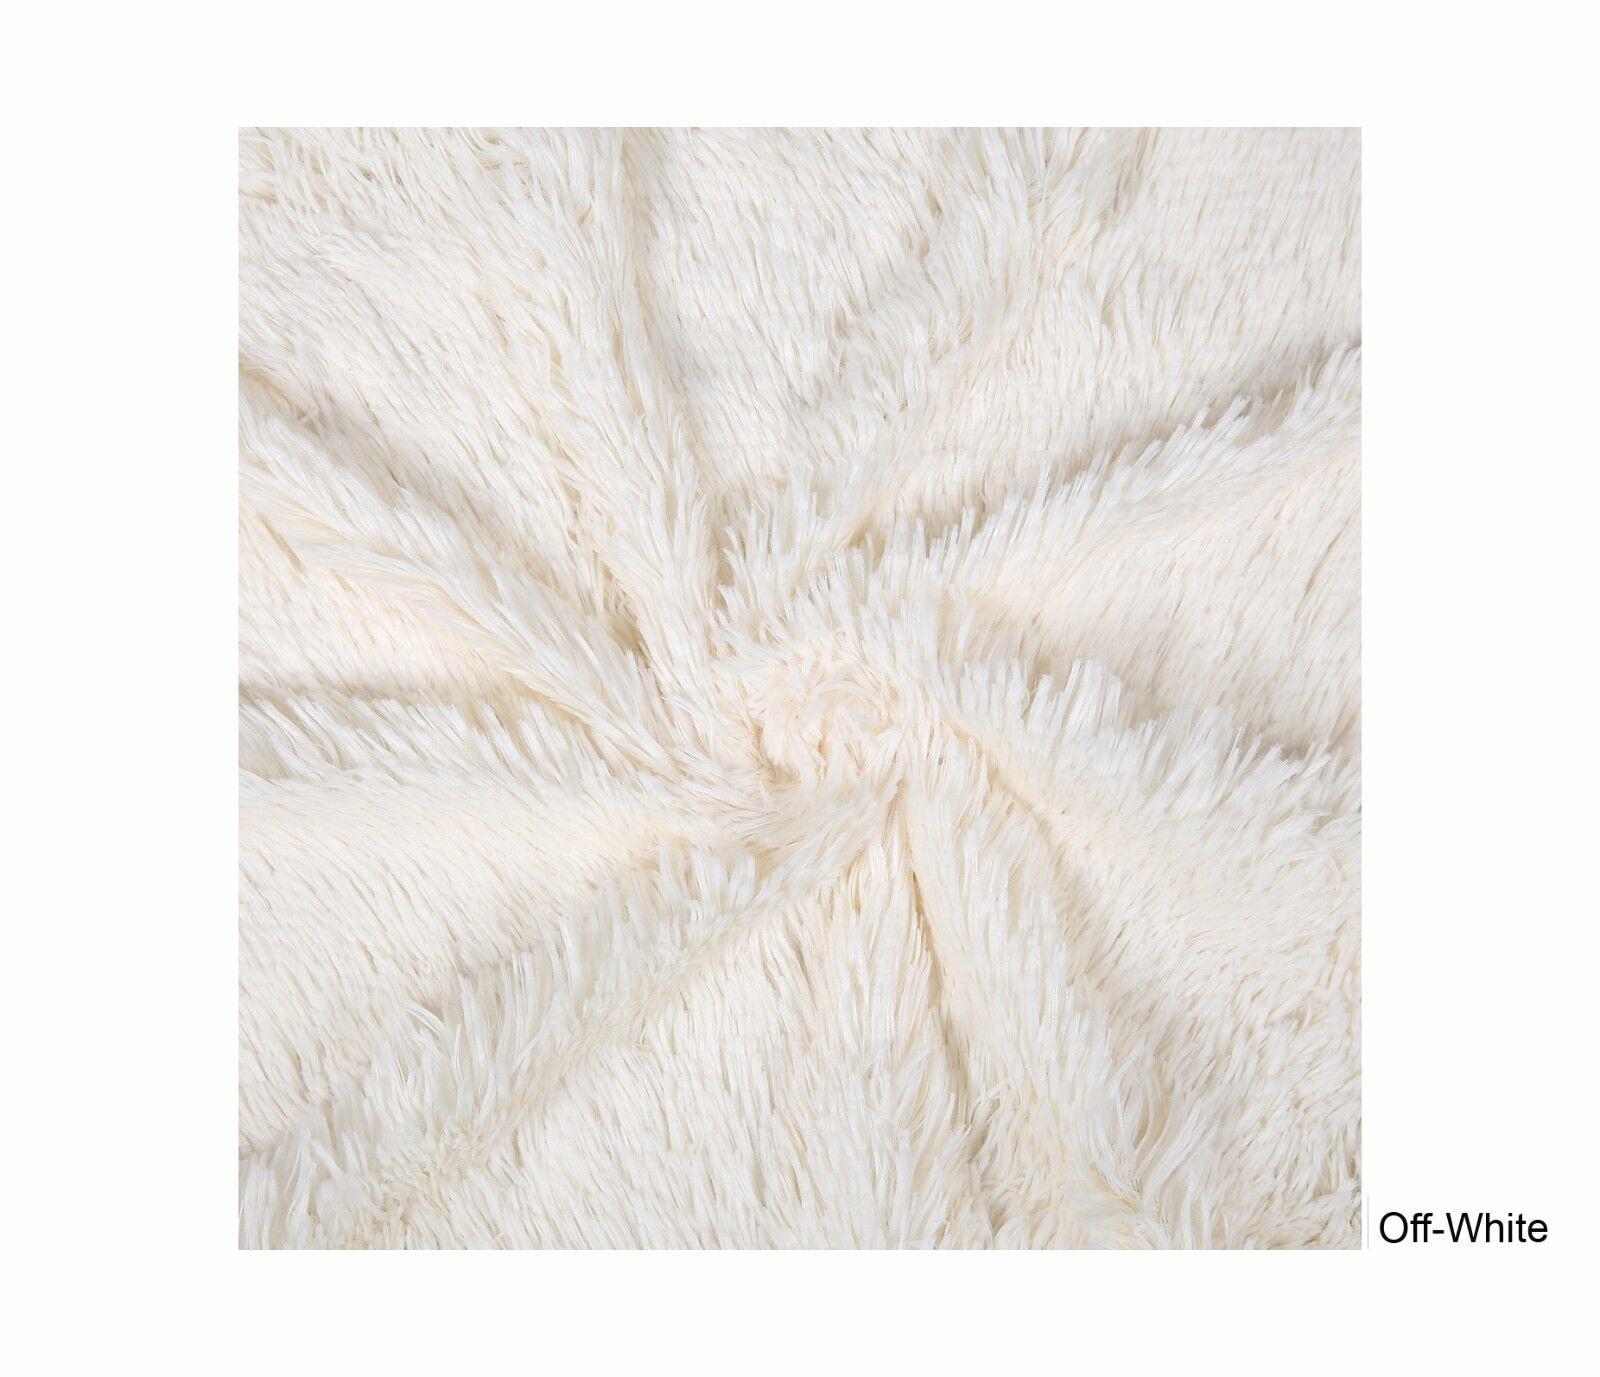 Tissu Fausse fourrure Vegan type poils mouton longs Photo bébé décoration.